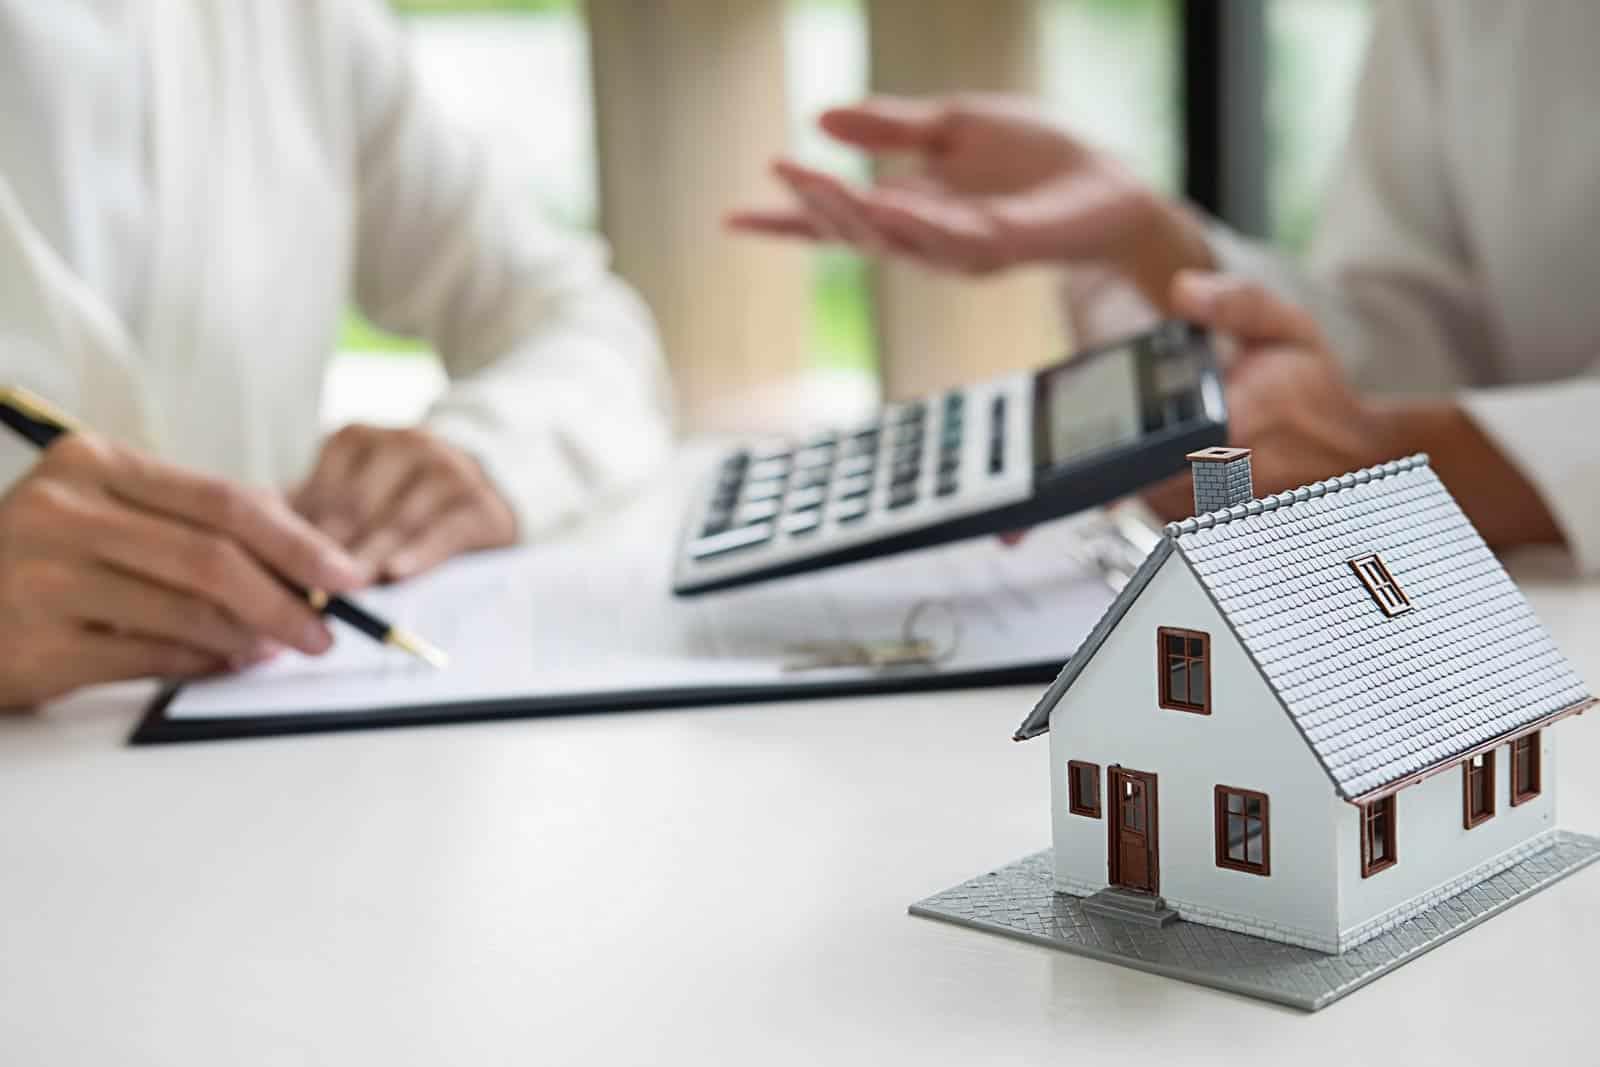 PBZ brzi gotovinski krediti u kunama